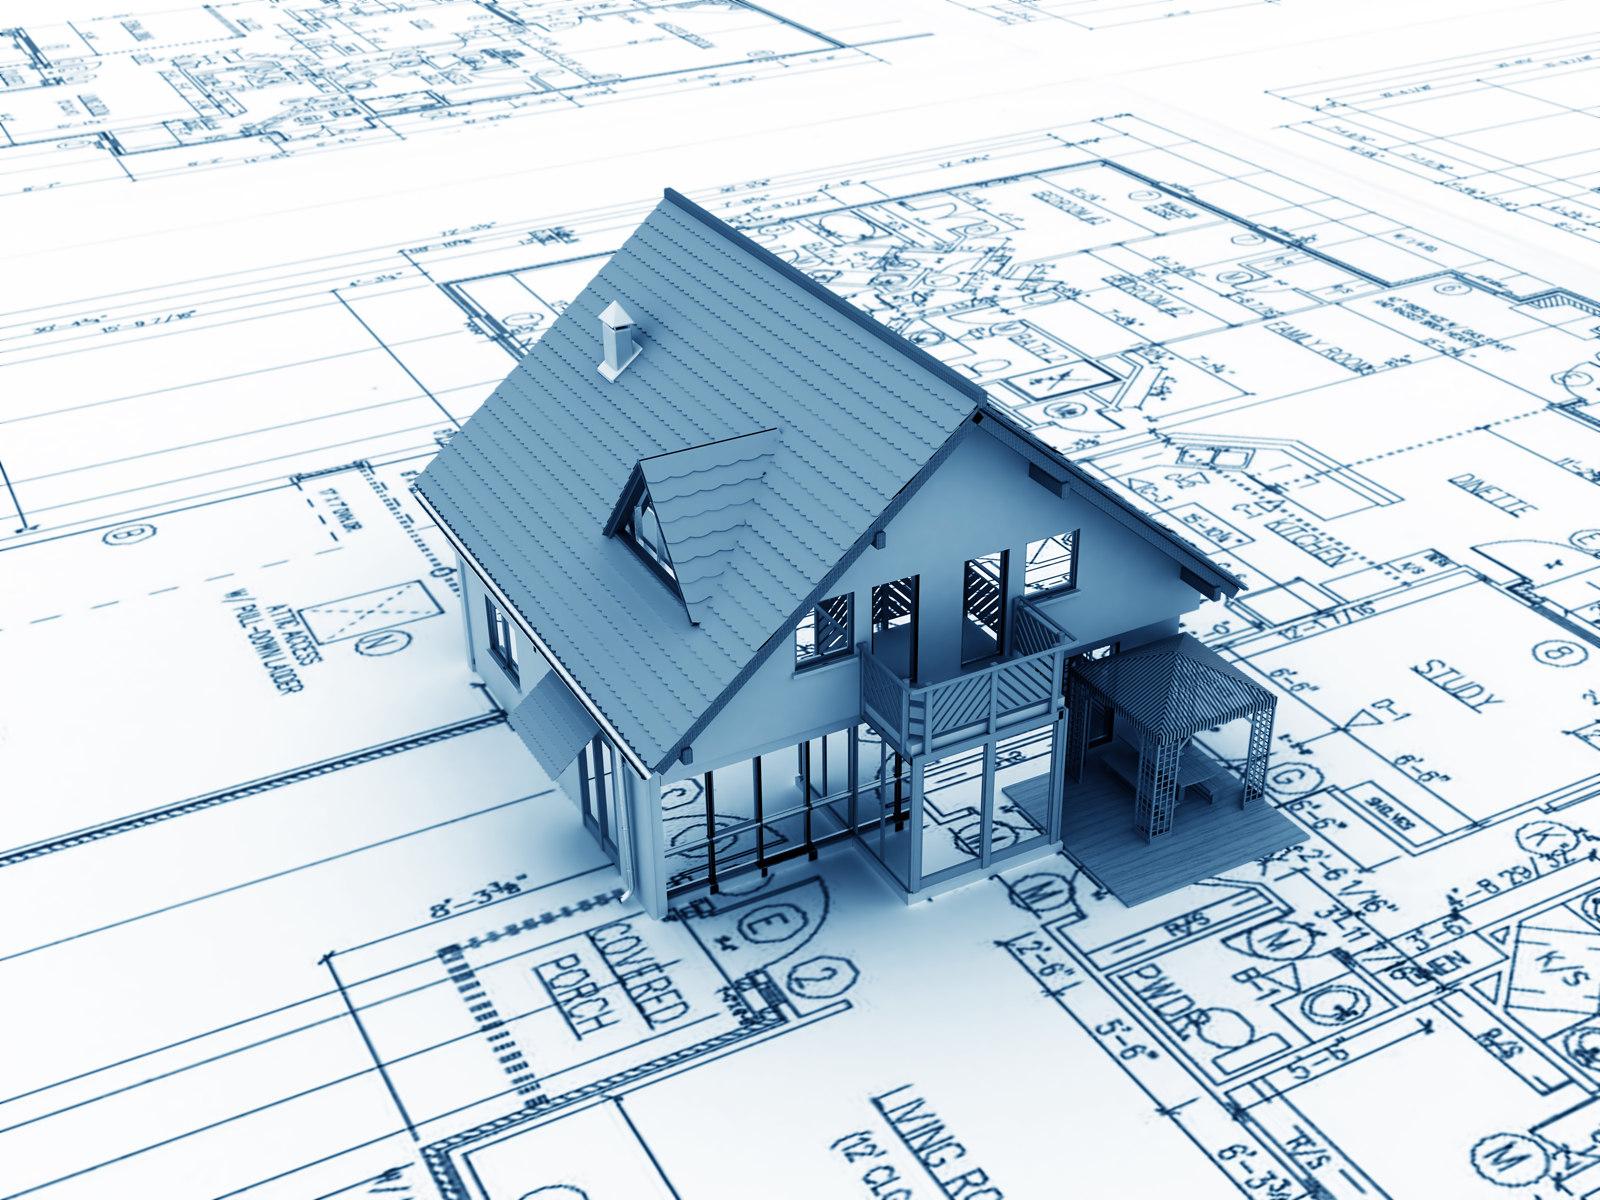 建筑设计图建筑模型高清图片素材专辑2(21p)